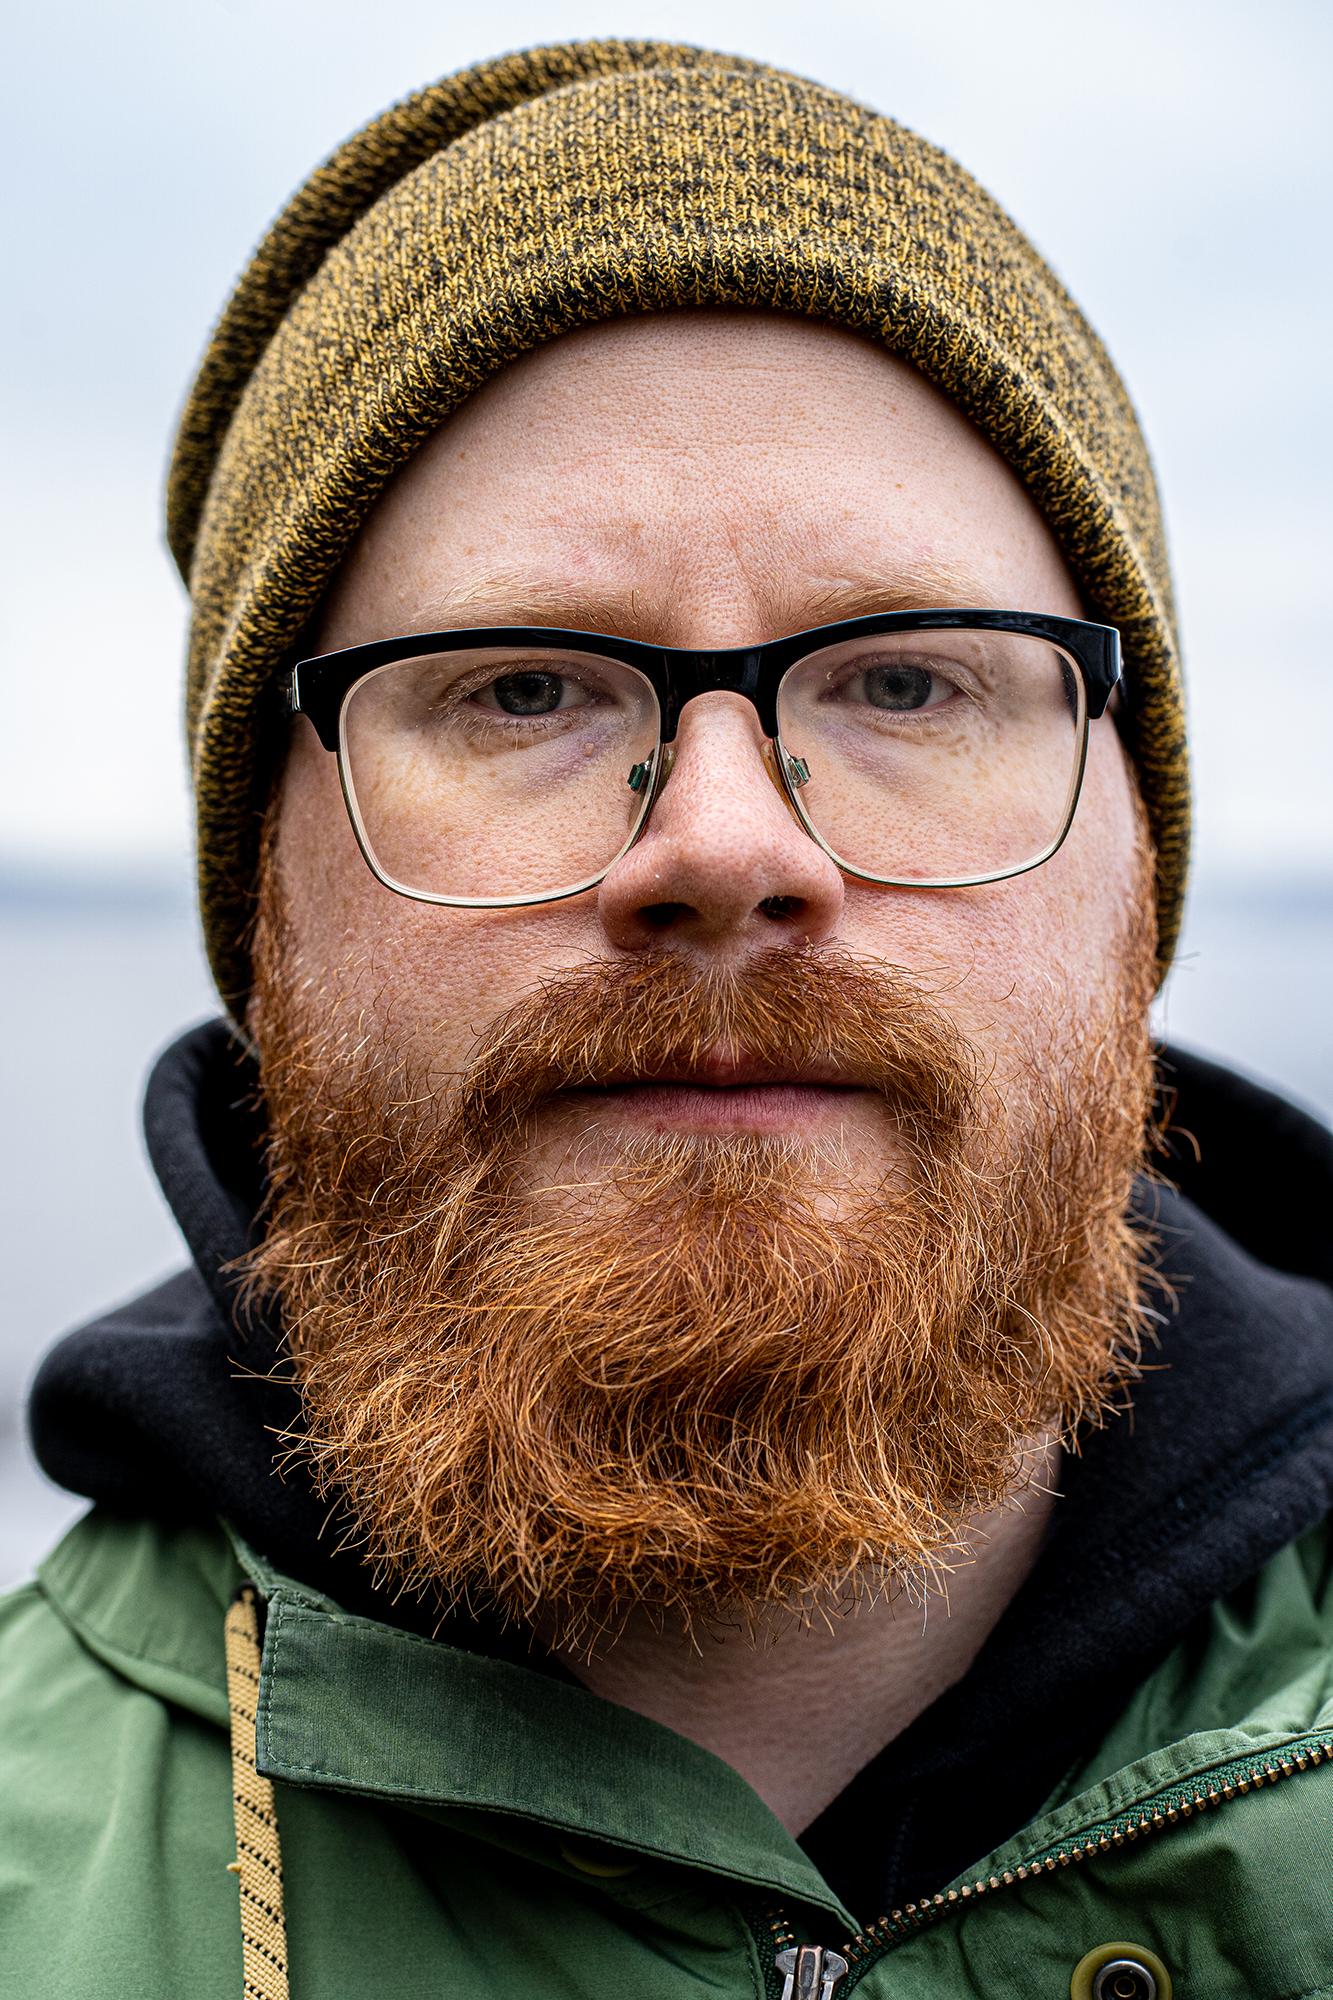 Lähikuva silmälasipäisen, pipopäisen parrakkaan henkilön kasvoista